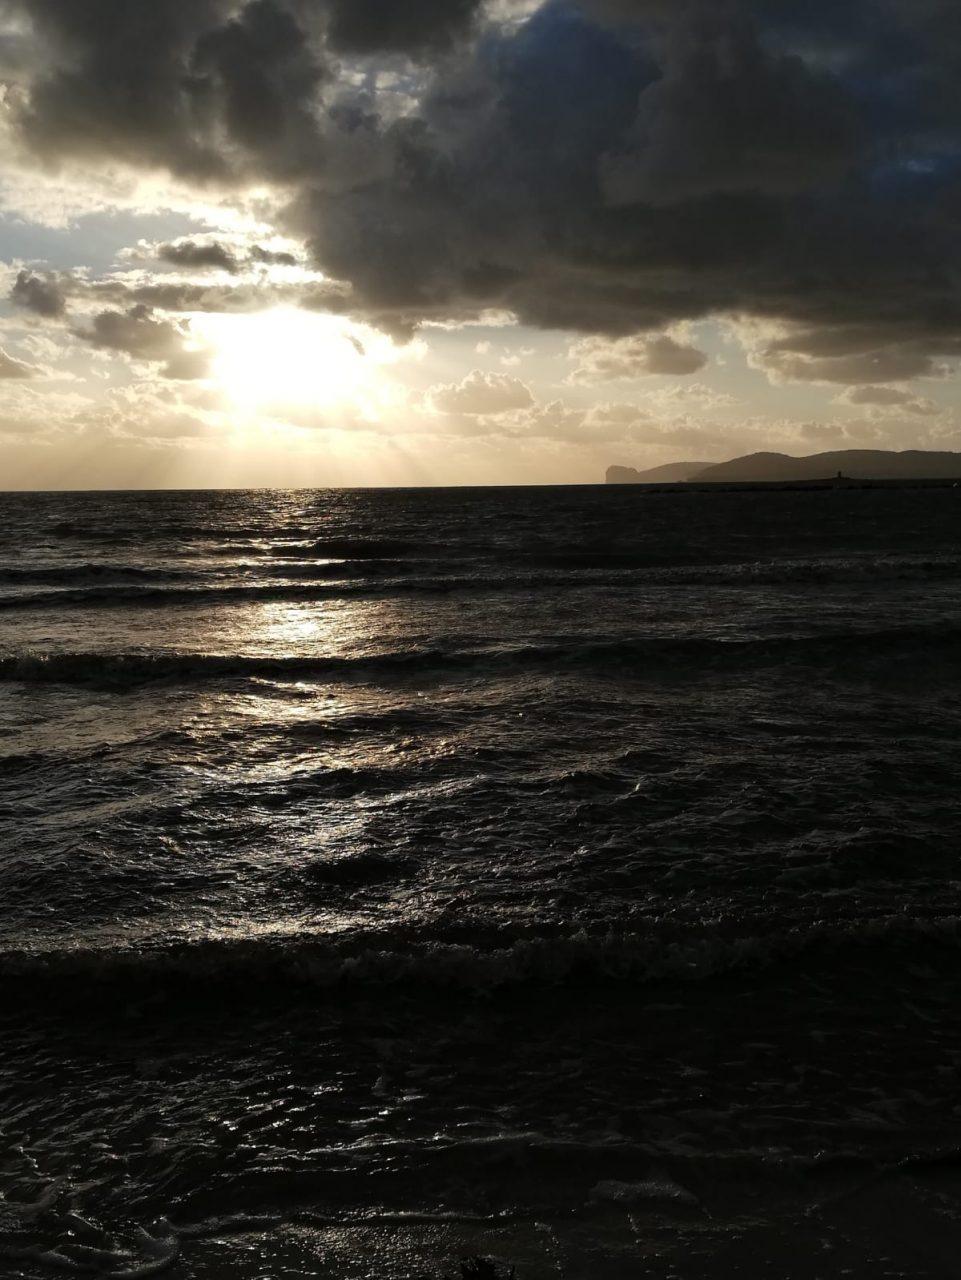 WhatsApp Image 2020 10 16 at 18.02.32 scaled - Alghero al tramonto saluta il brutto tempo. Galleria foto